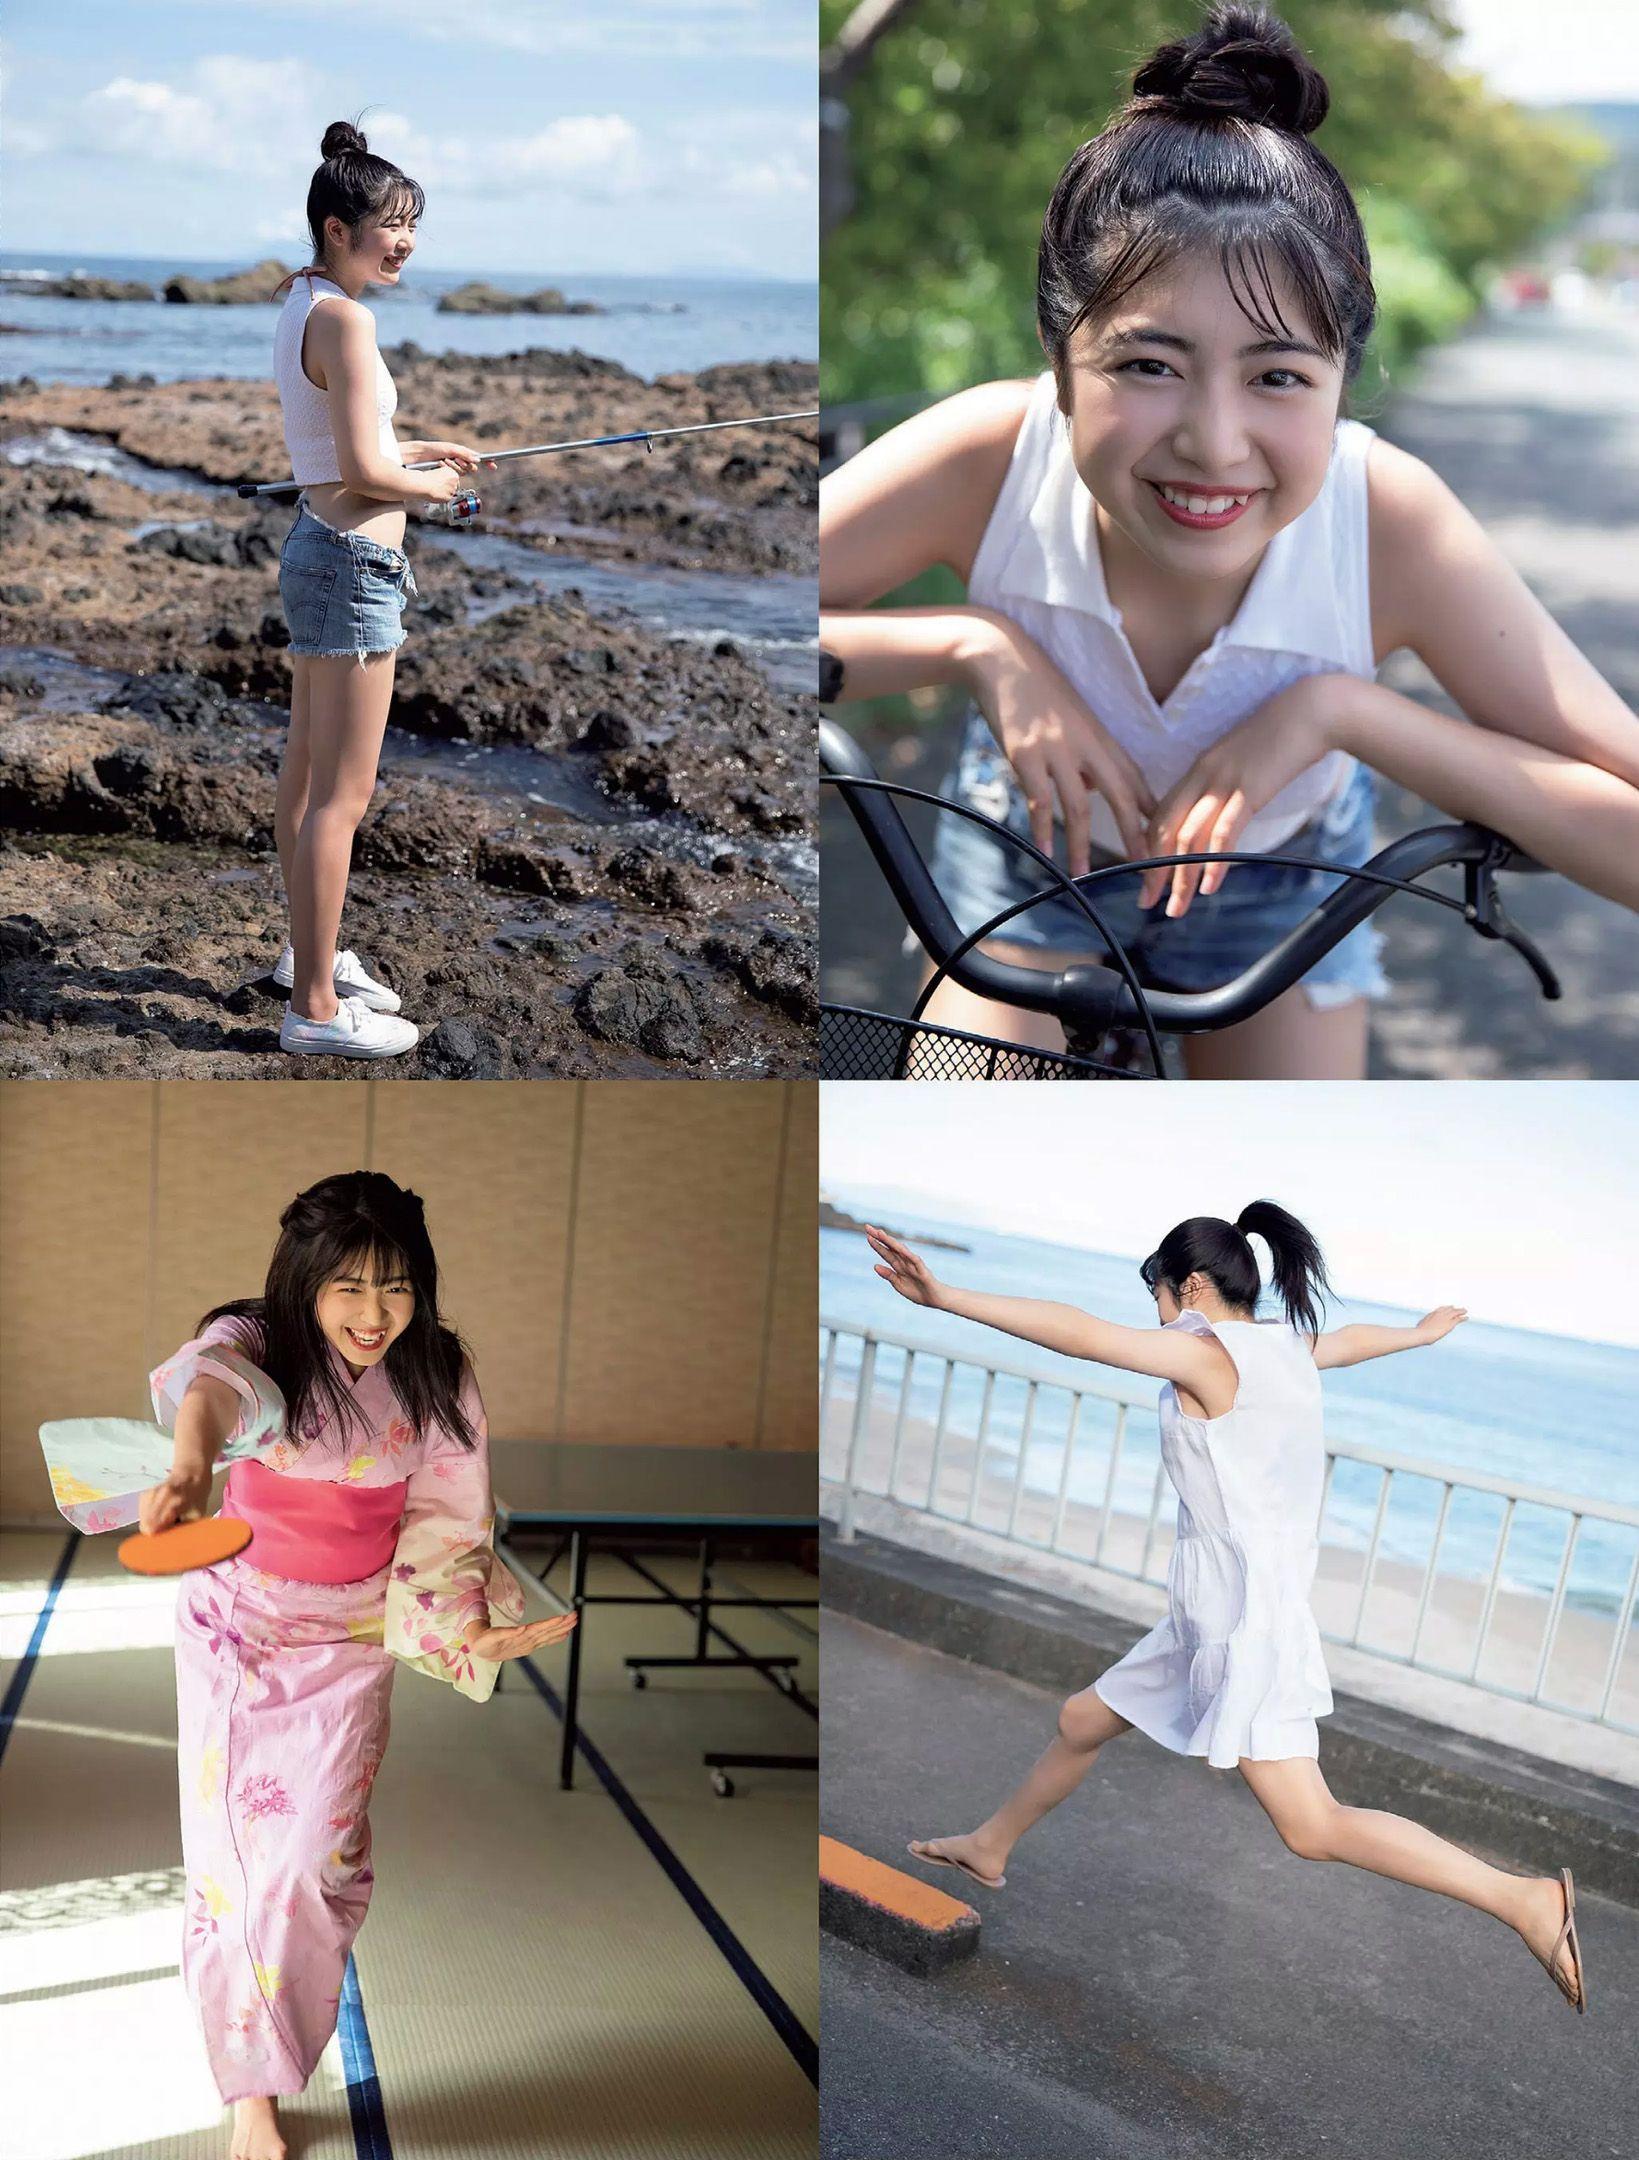 吉田莉樱 栗田惠美-FLASH 2020年12月22日刊-第19张图片-深海领域